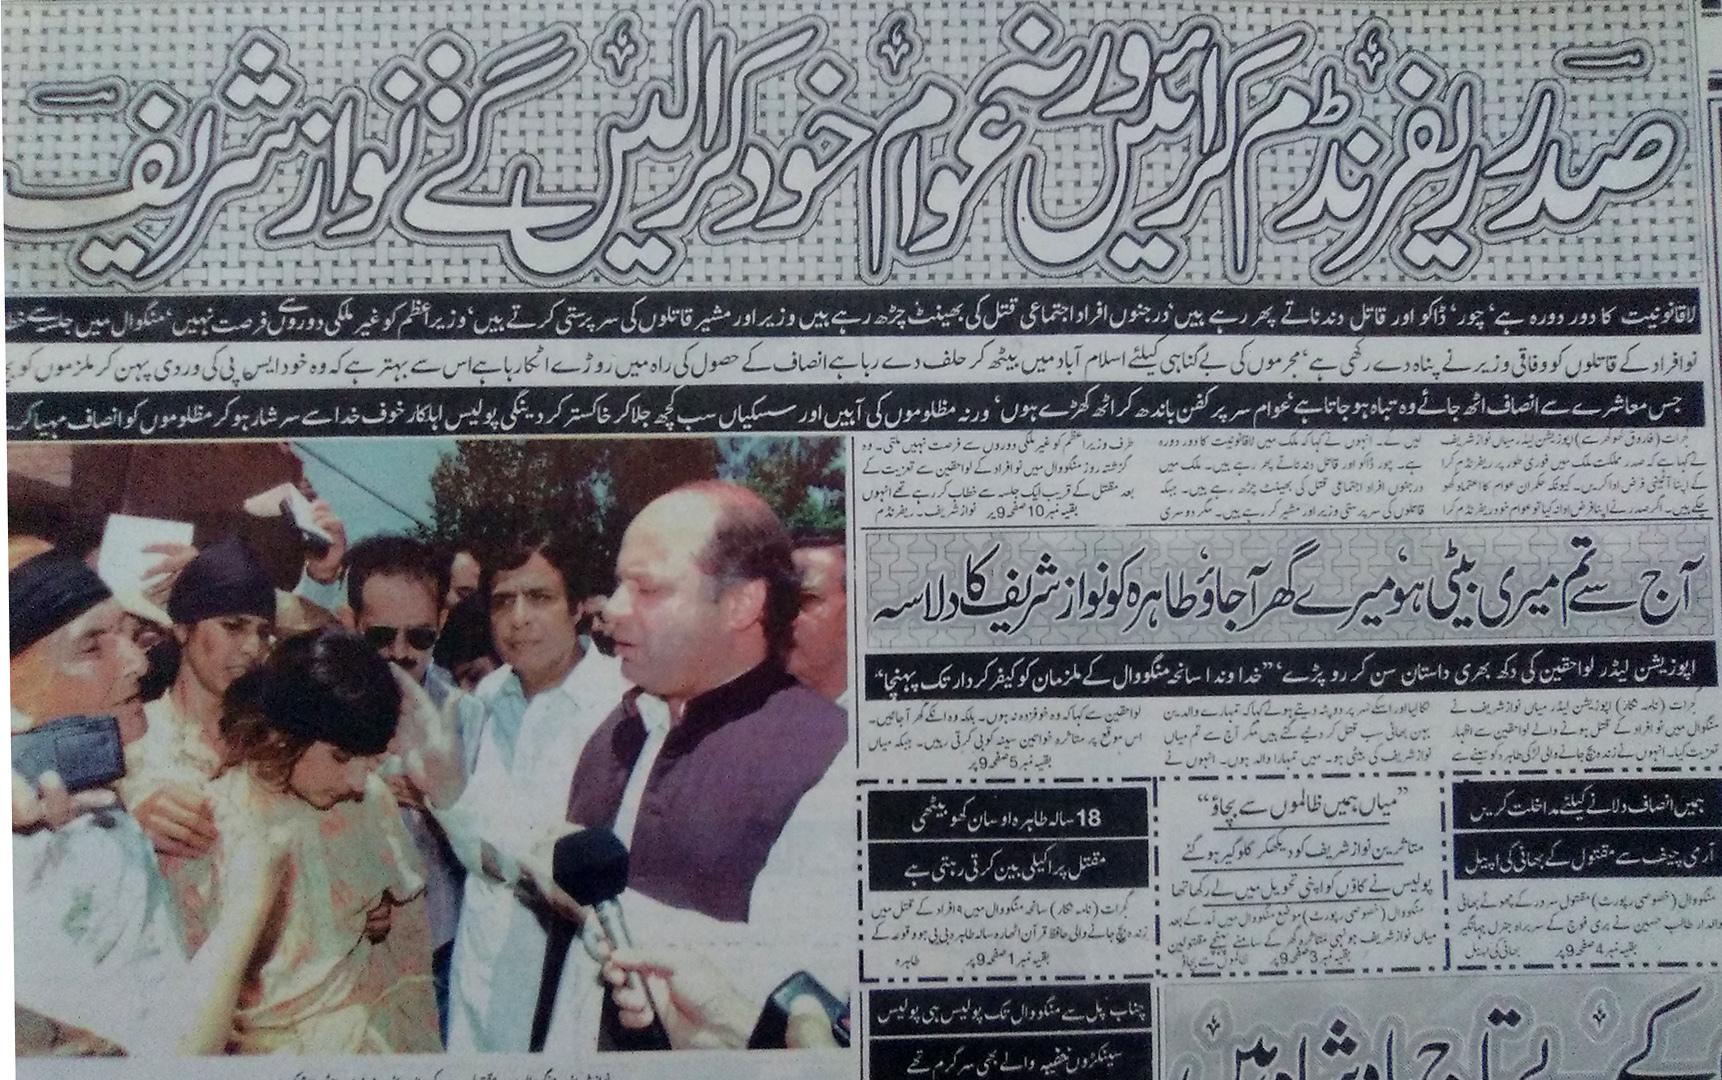 26 مئی 1996 کو نوائے وقت کے صفحہء اول کا عکس۔